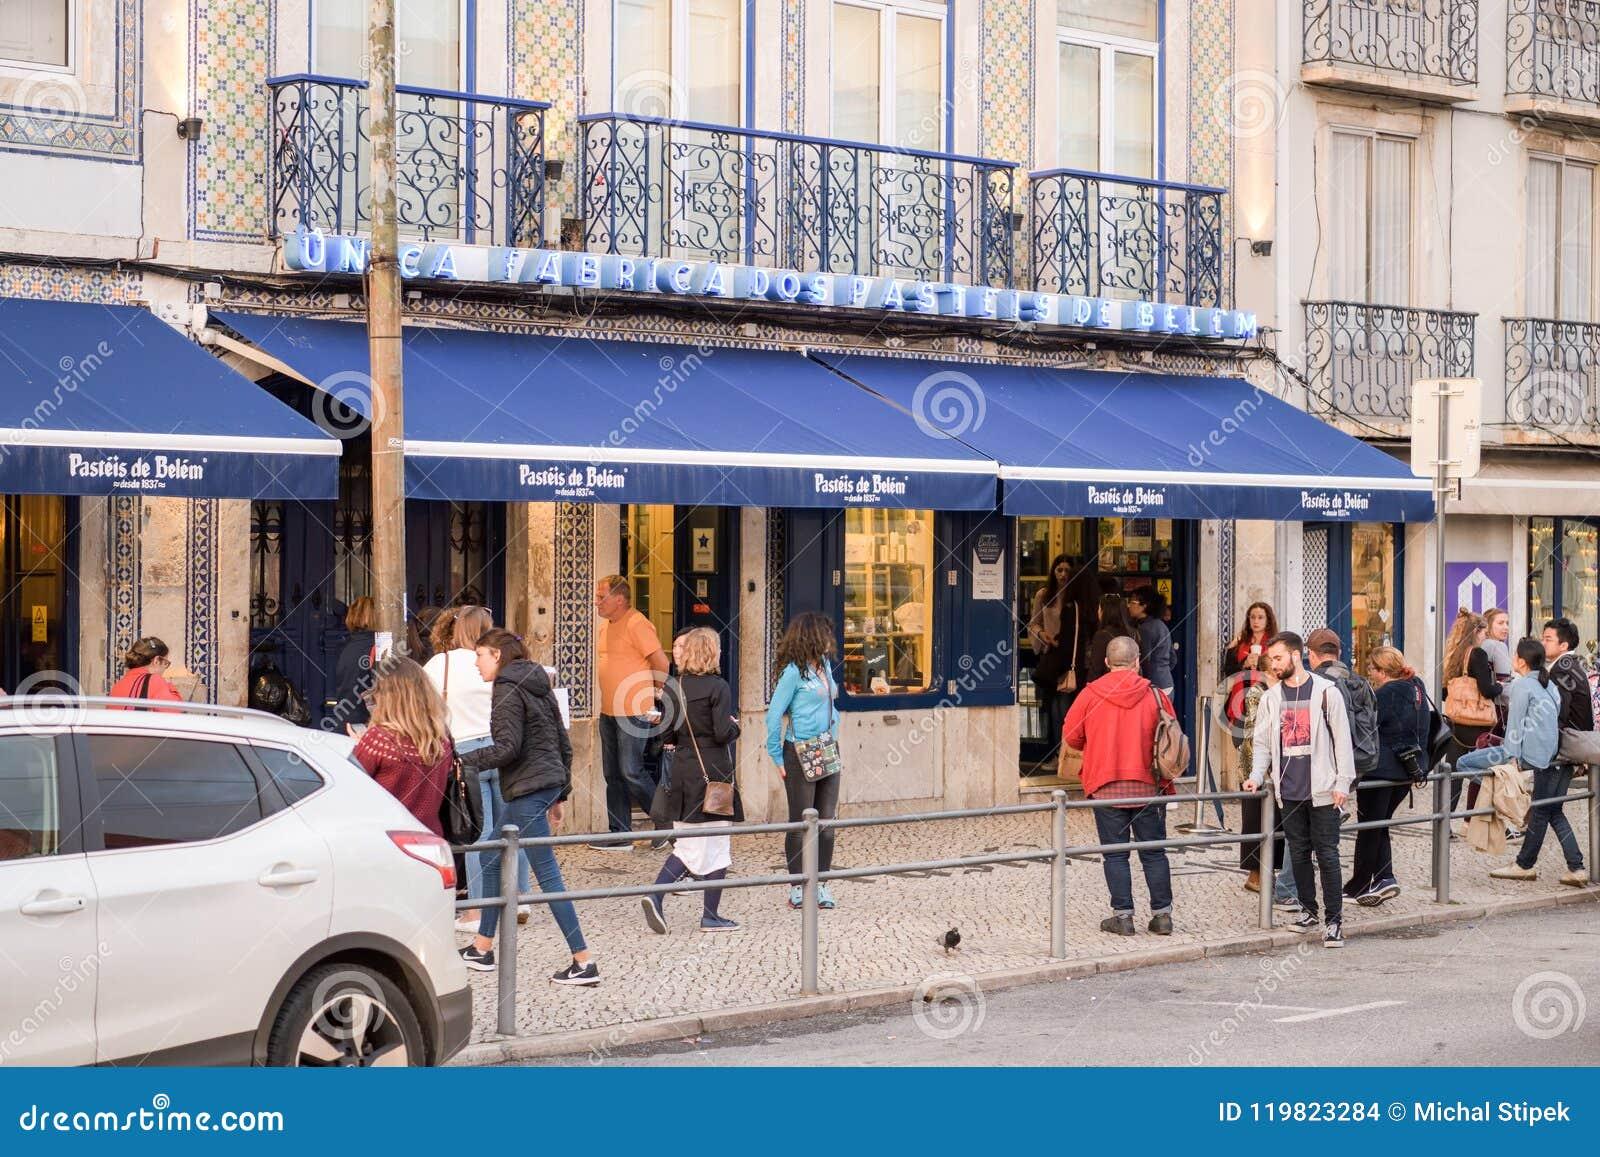 Люди перед хлебопекарней Pasteis de Belem в Лиссабоне